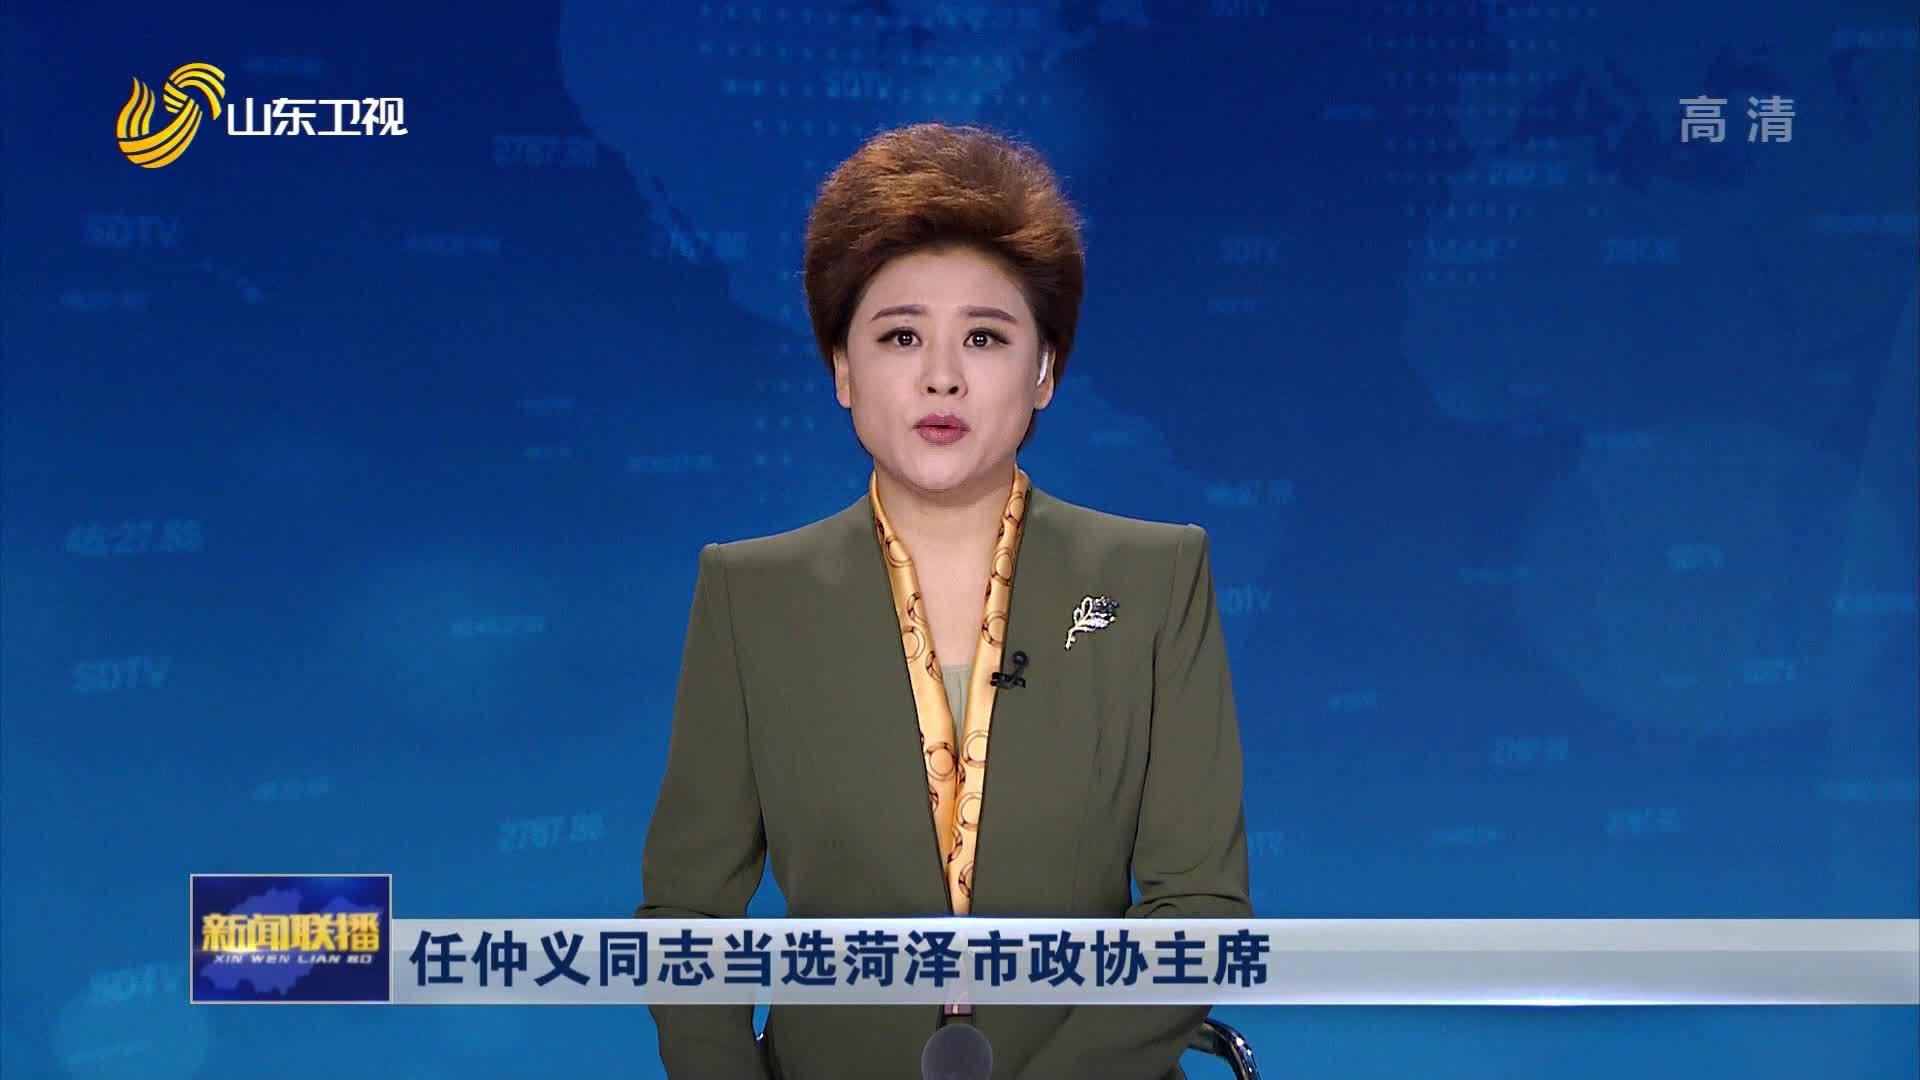 任仲义同志当选菏泽市政协主席